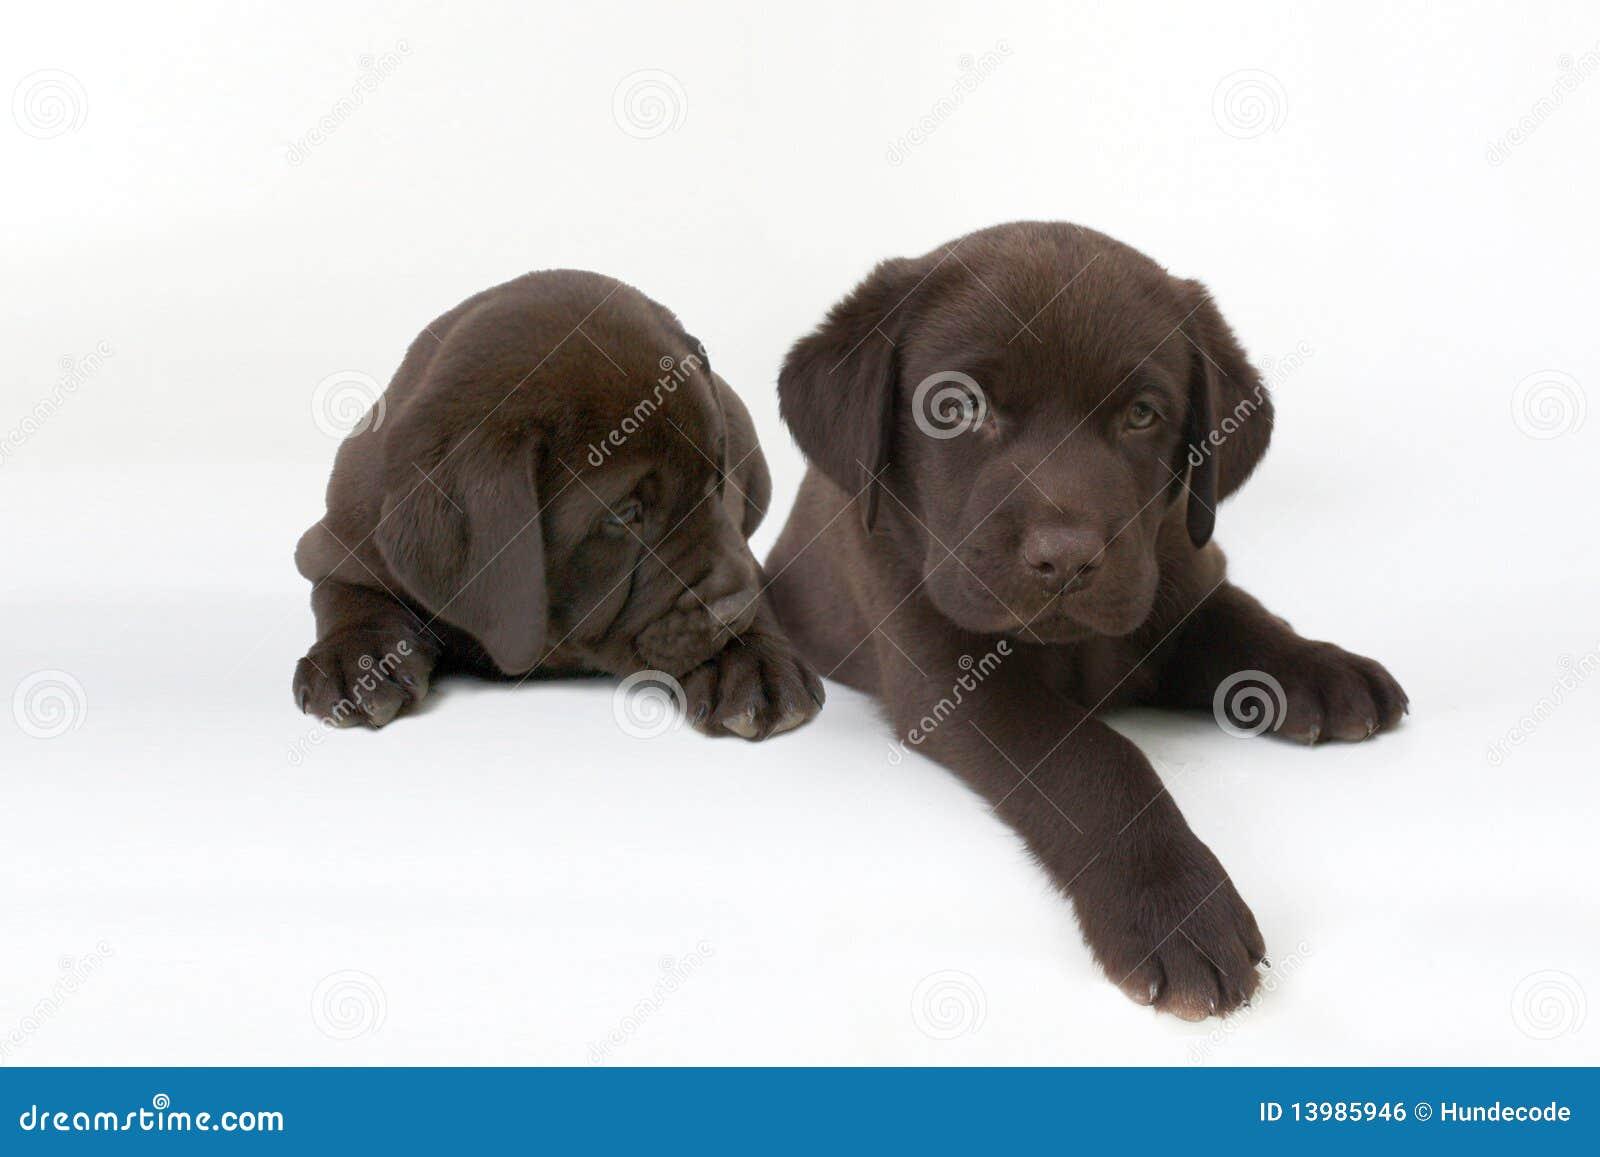 cute chocolate labrador retriever - photo #47